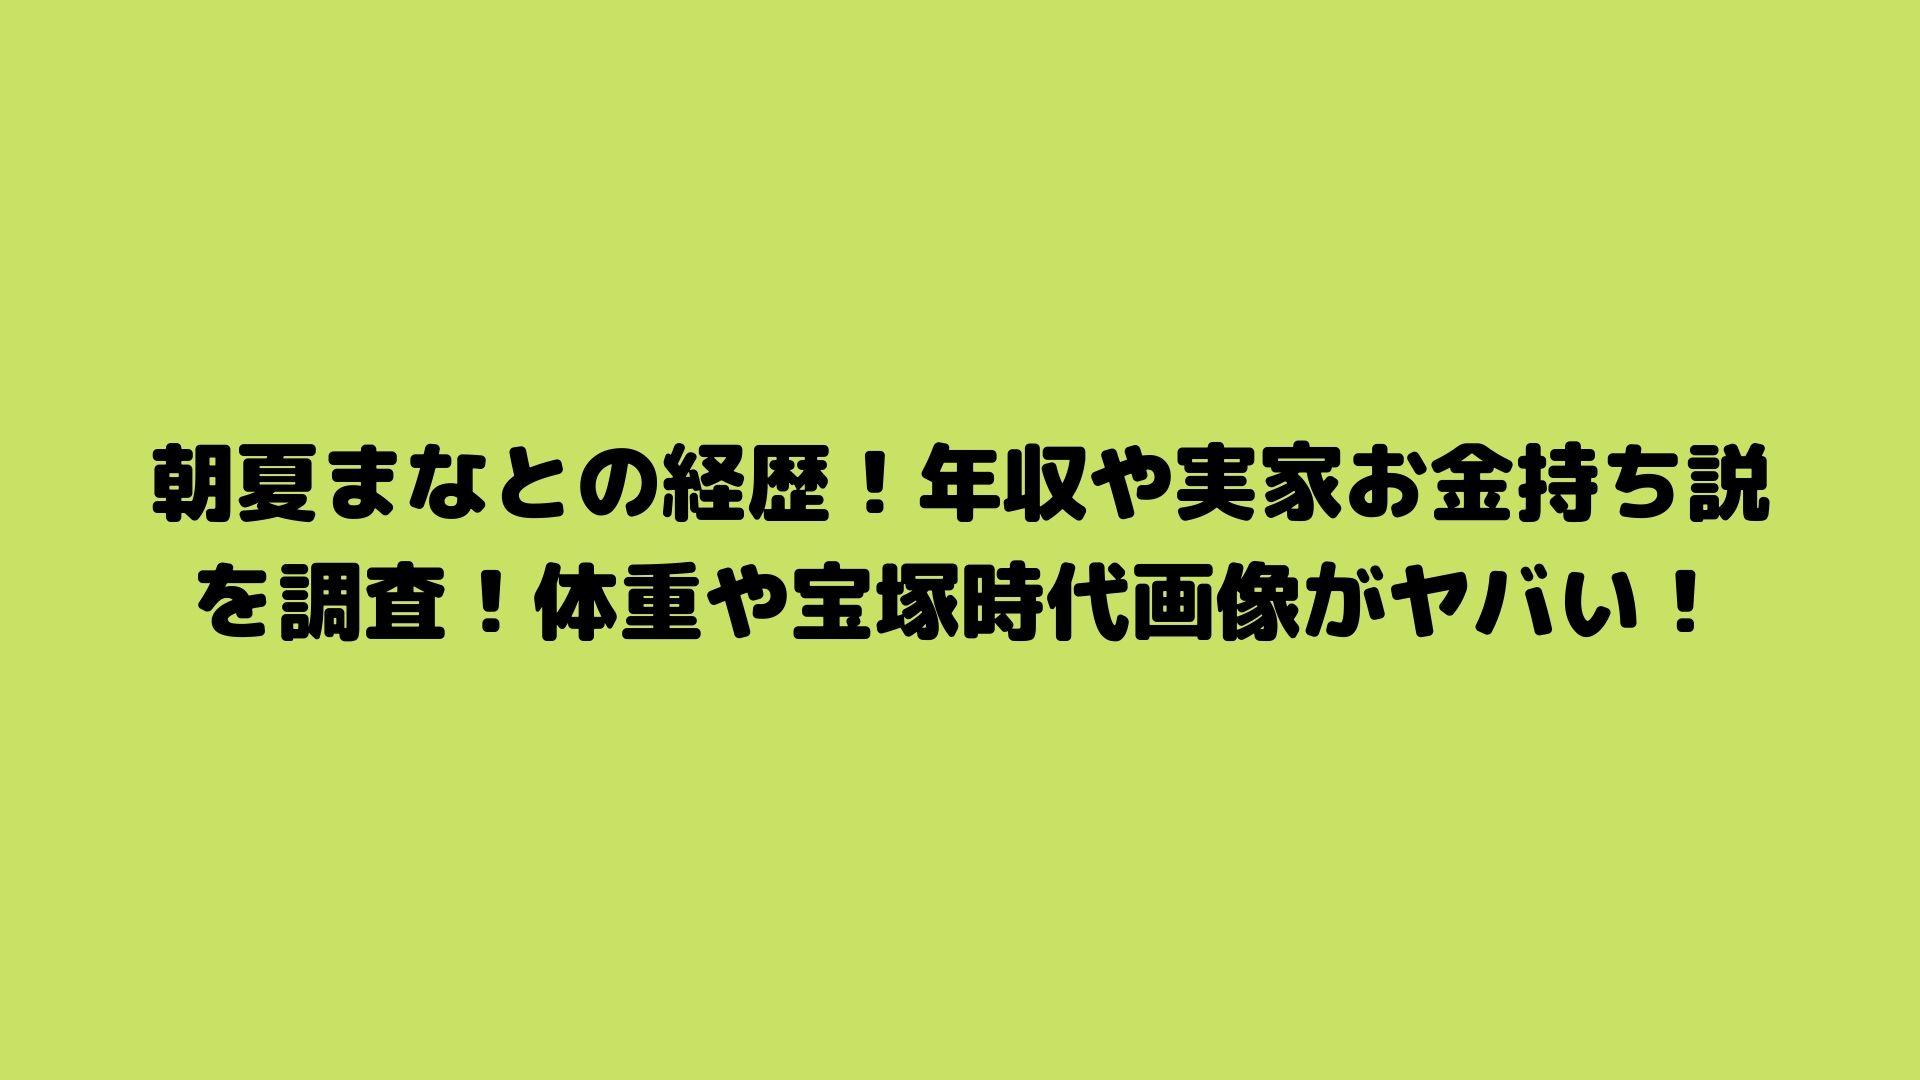 劇団 宝塚 給料 歌